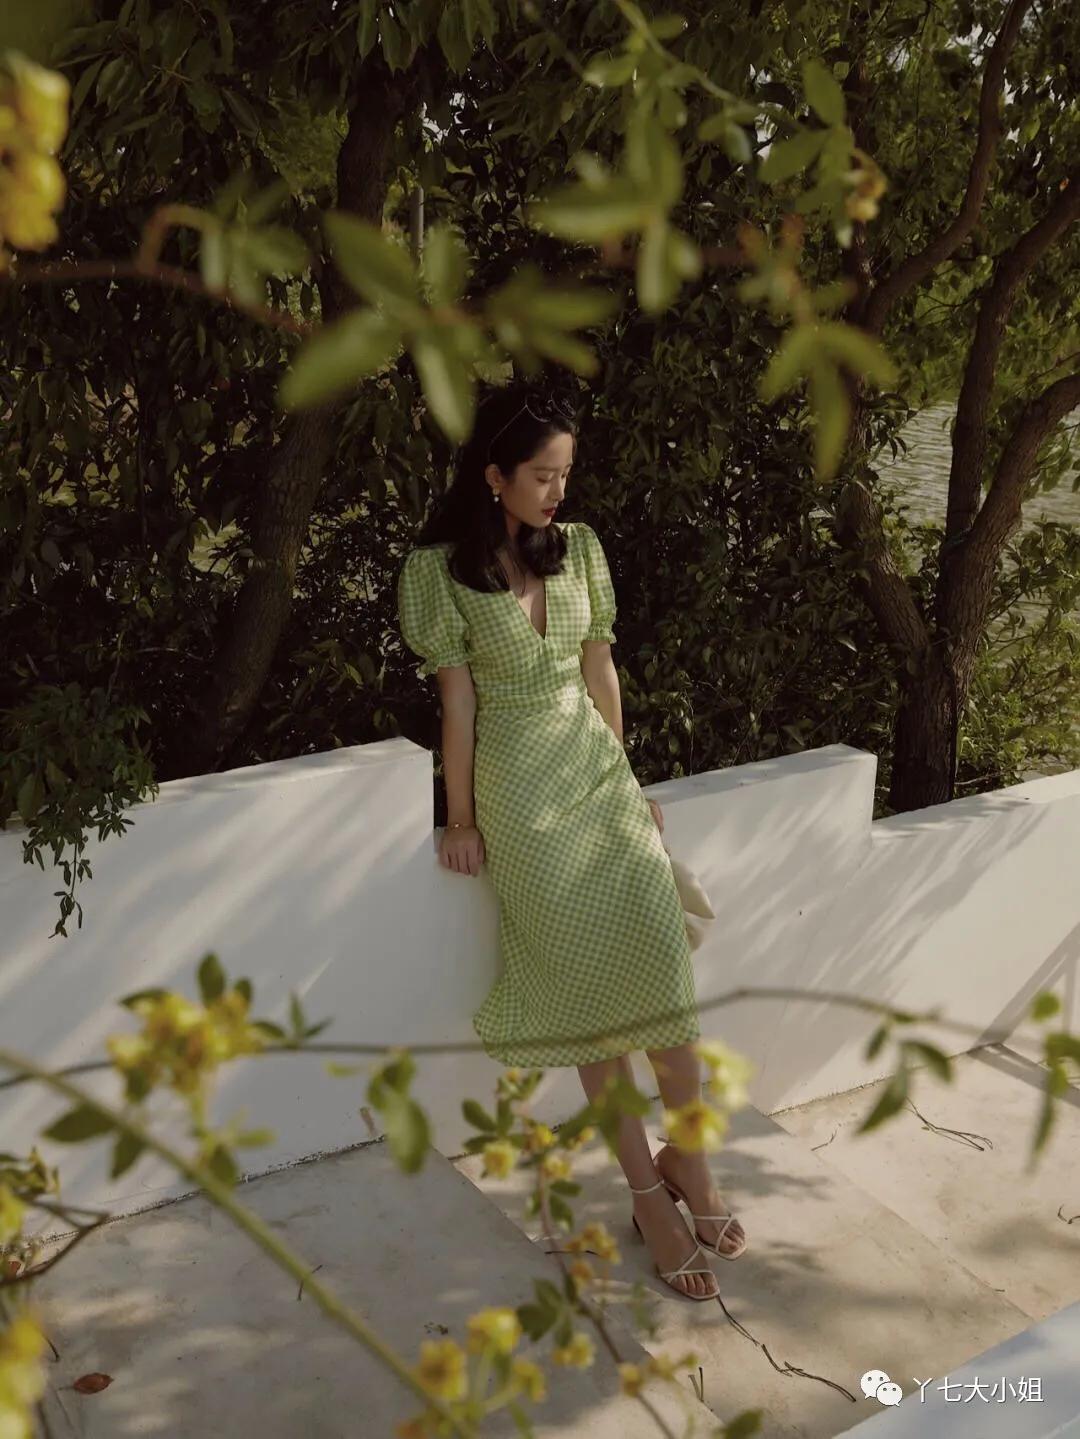 Chỉ cần diện 1 chiếc váy liền kẻ sọc với sandal gót thô là bạn đã có style kiêu kỳ sang chảnh chuẩn gái Pháp